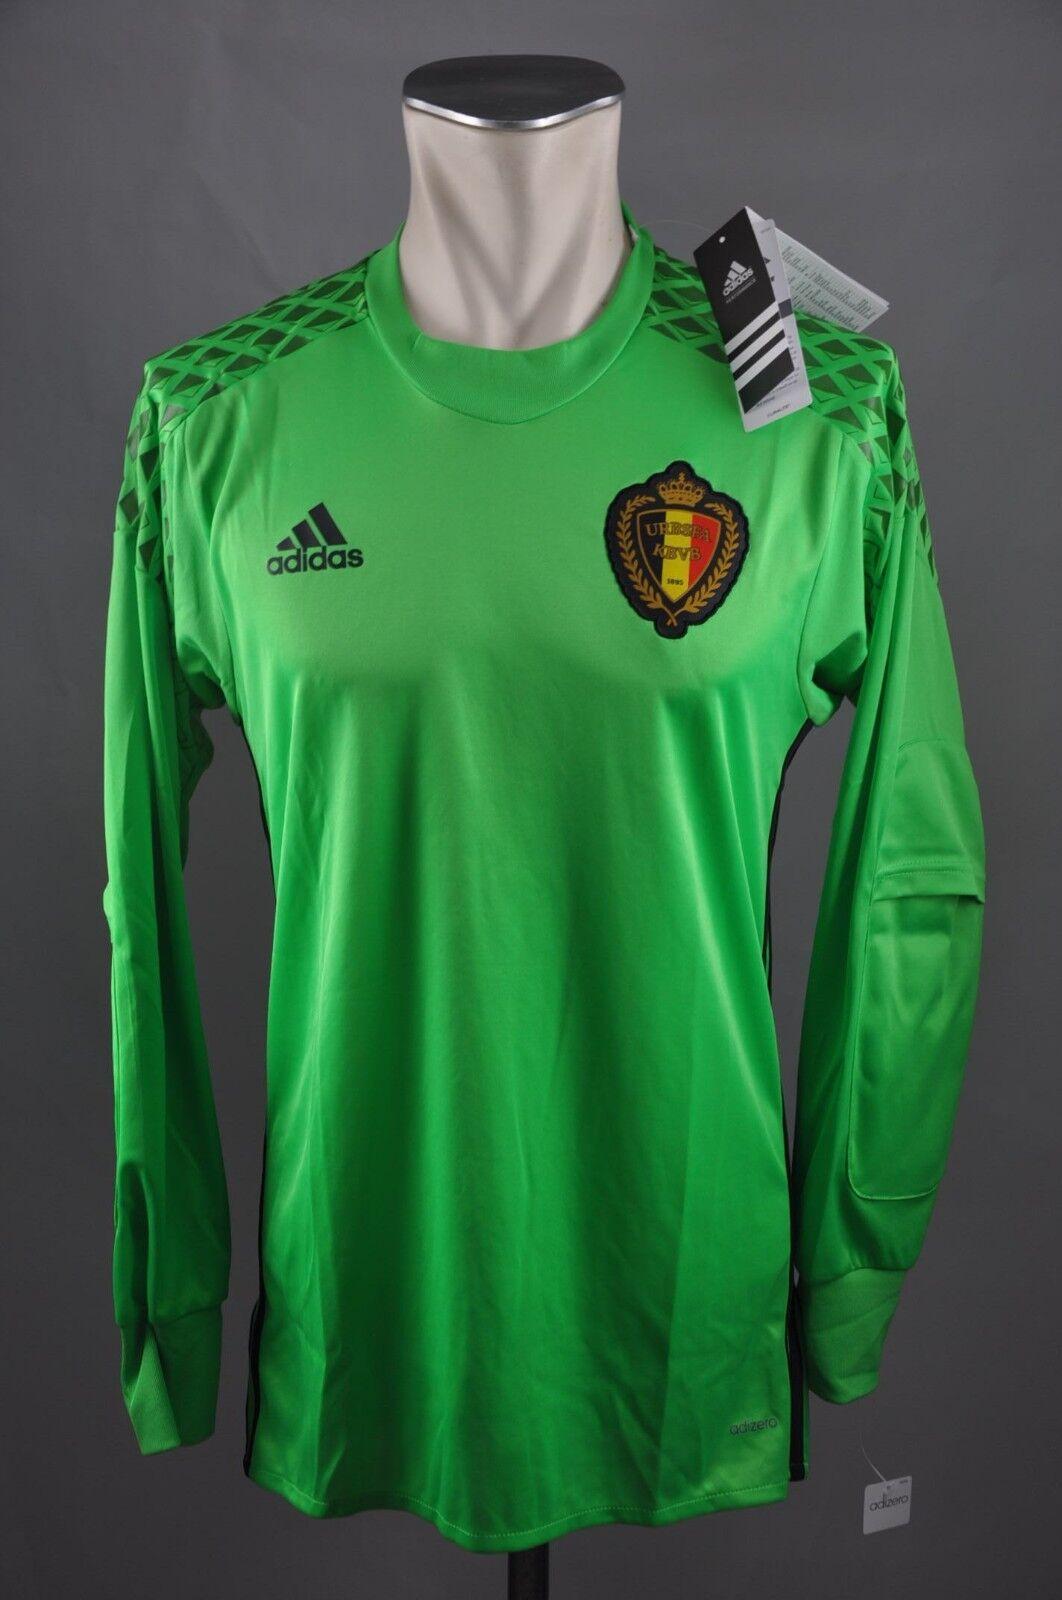 Belgien Trikot Torwart Gr. S / M / L grün Adidas Adizero 2015 KBVB Shirt Belgium